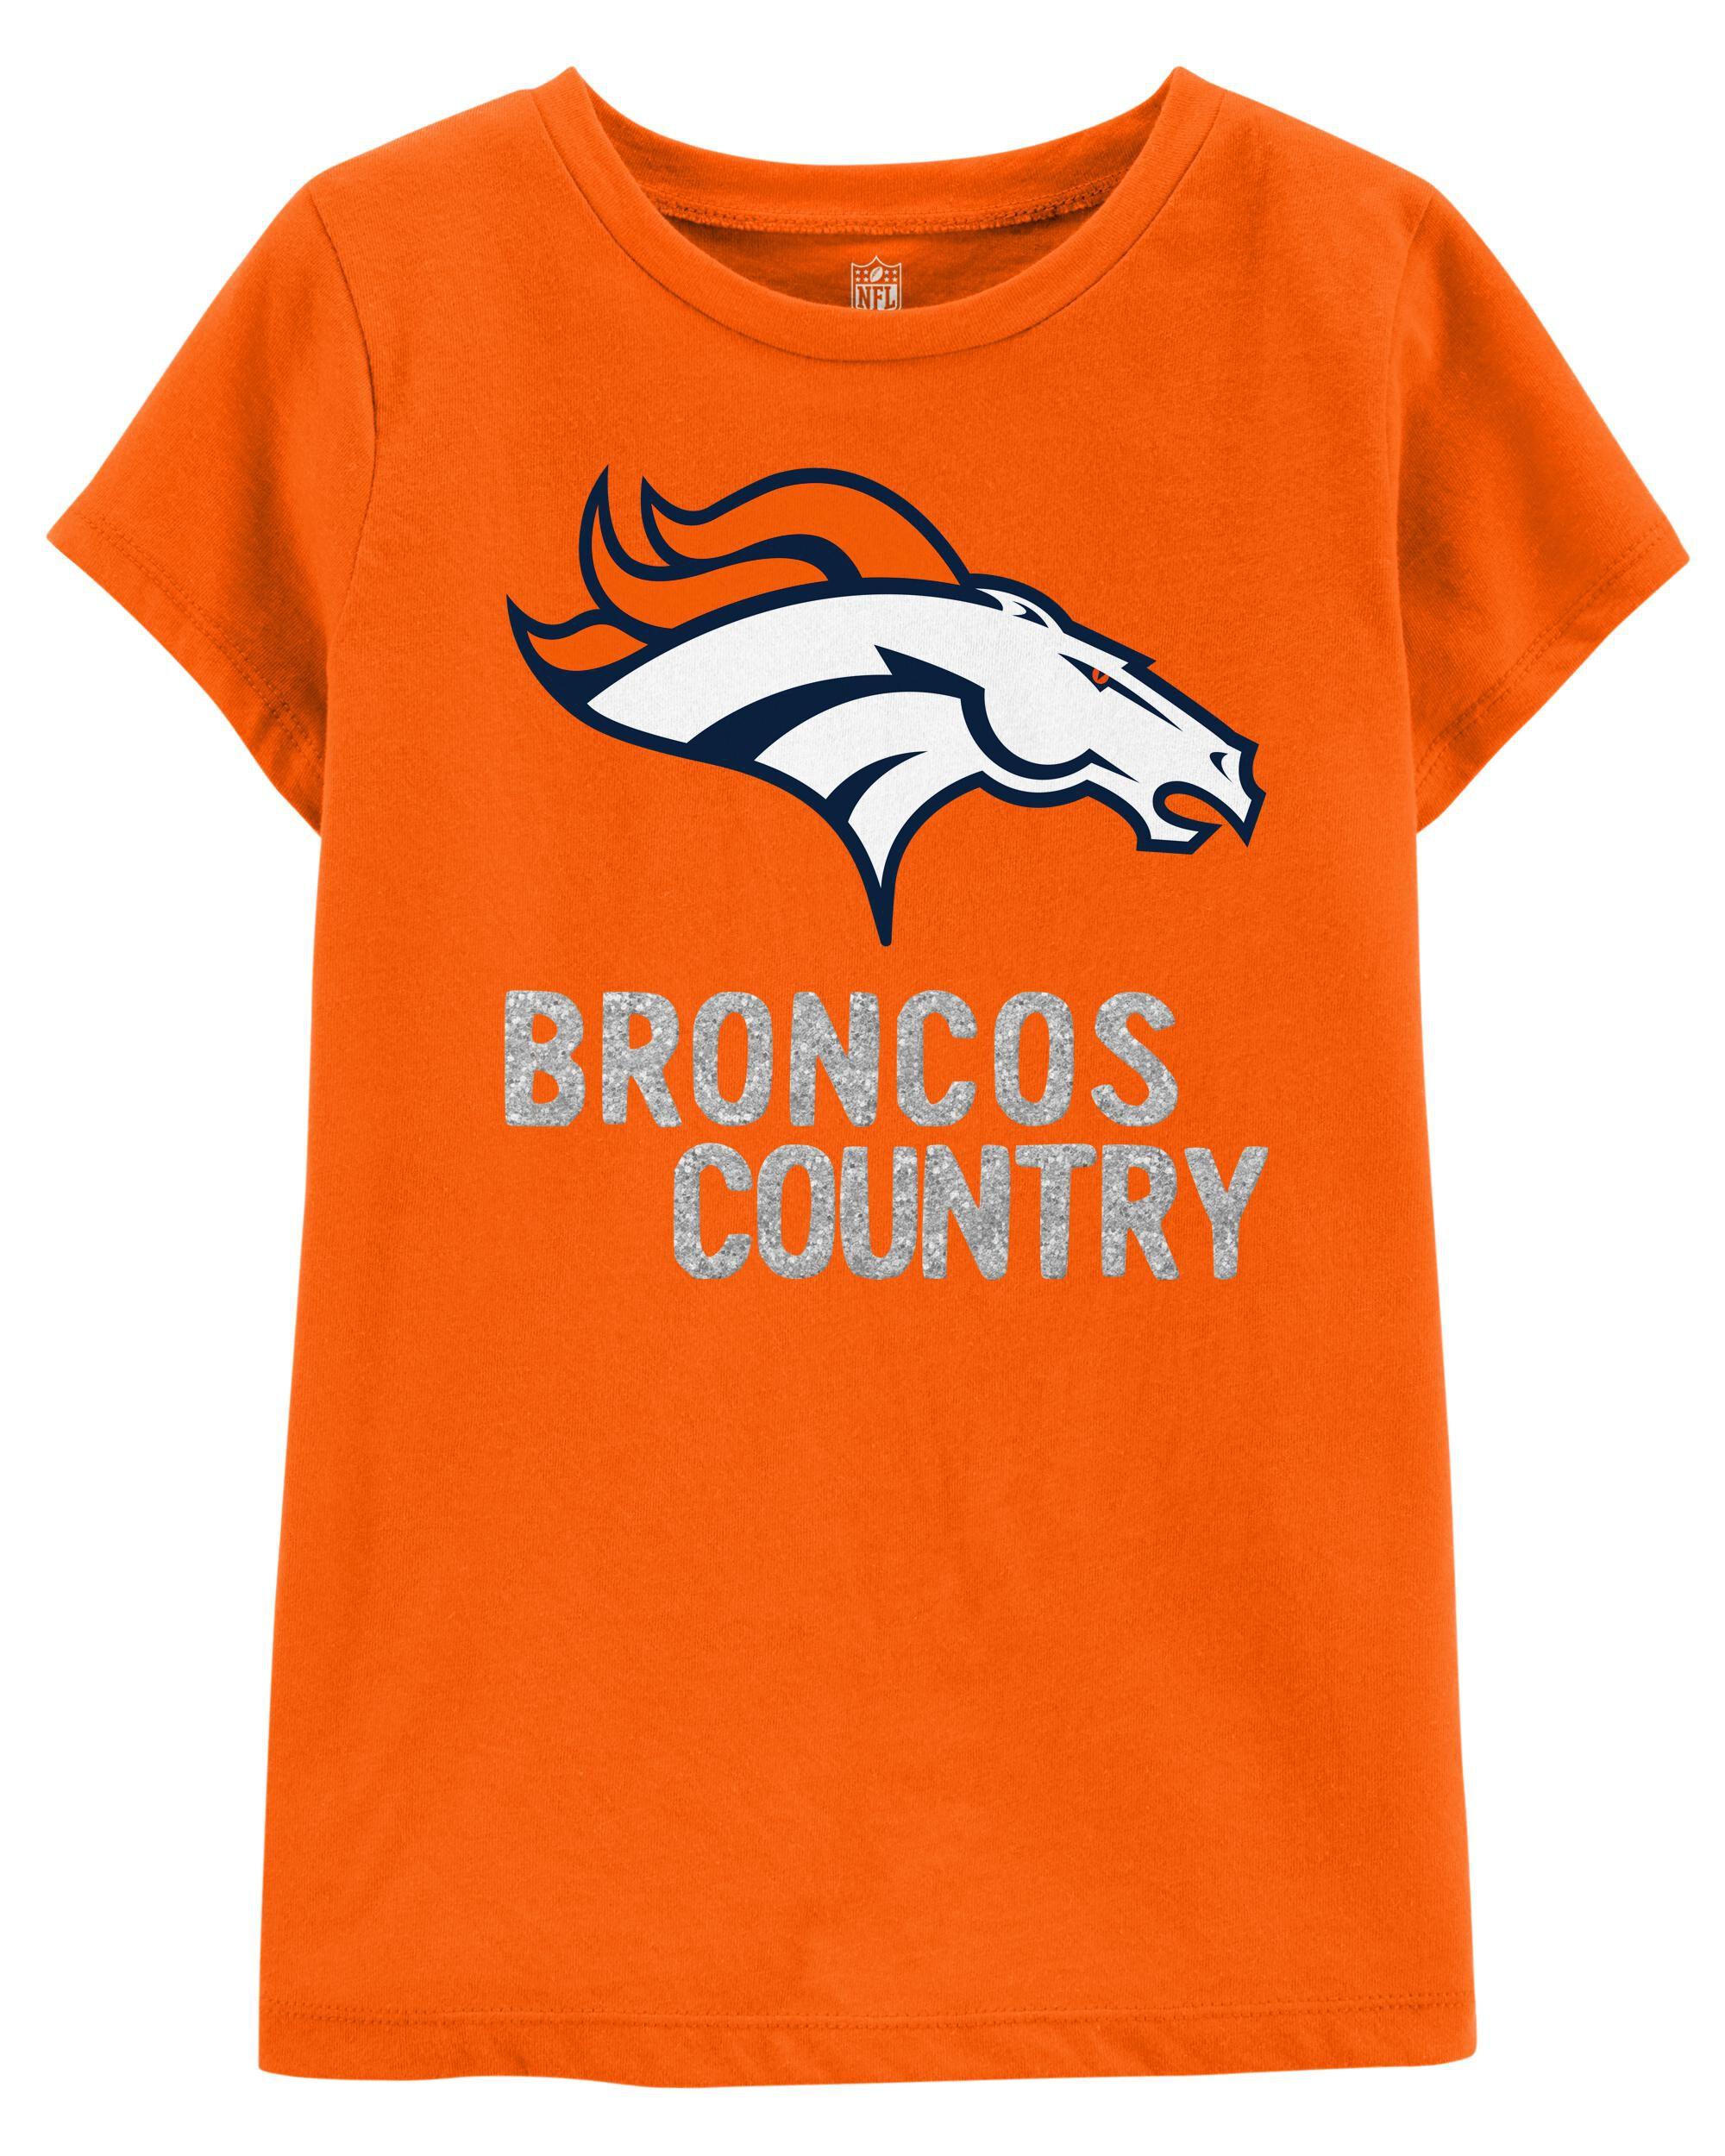 sparkly broncos shirt